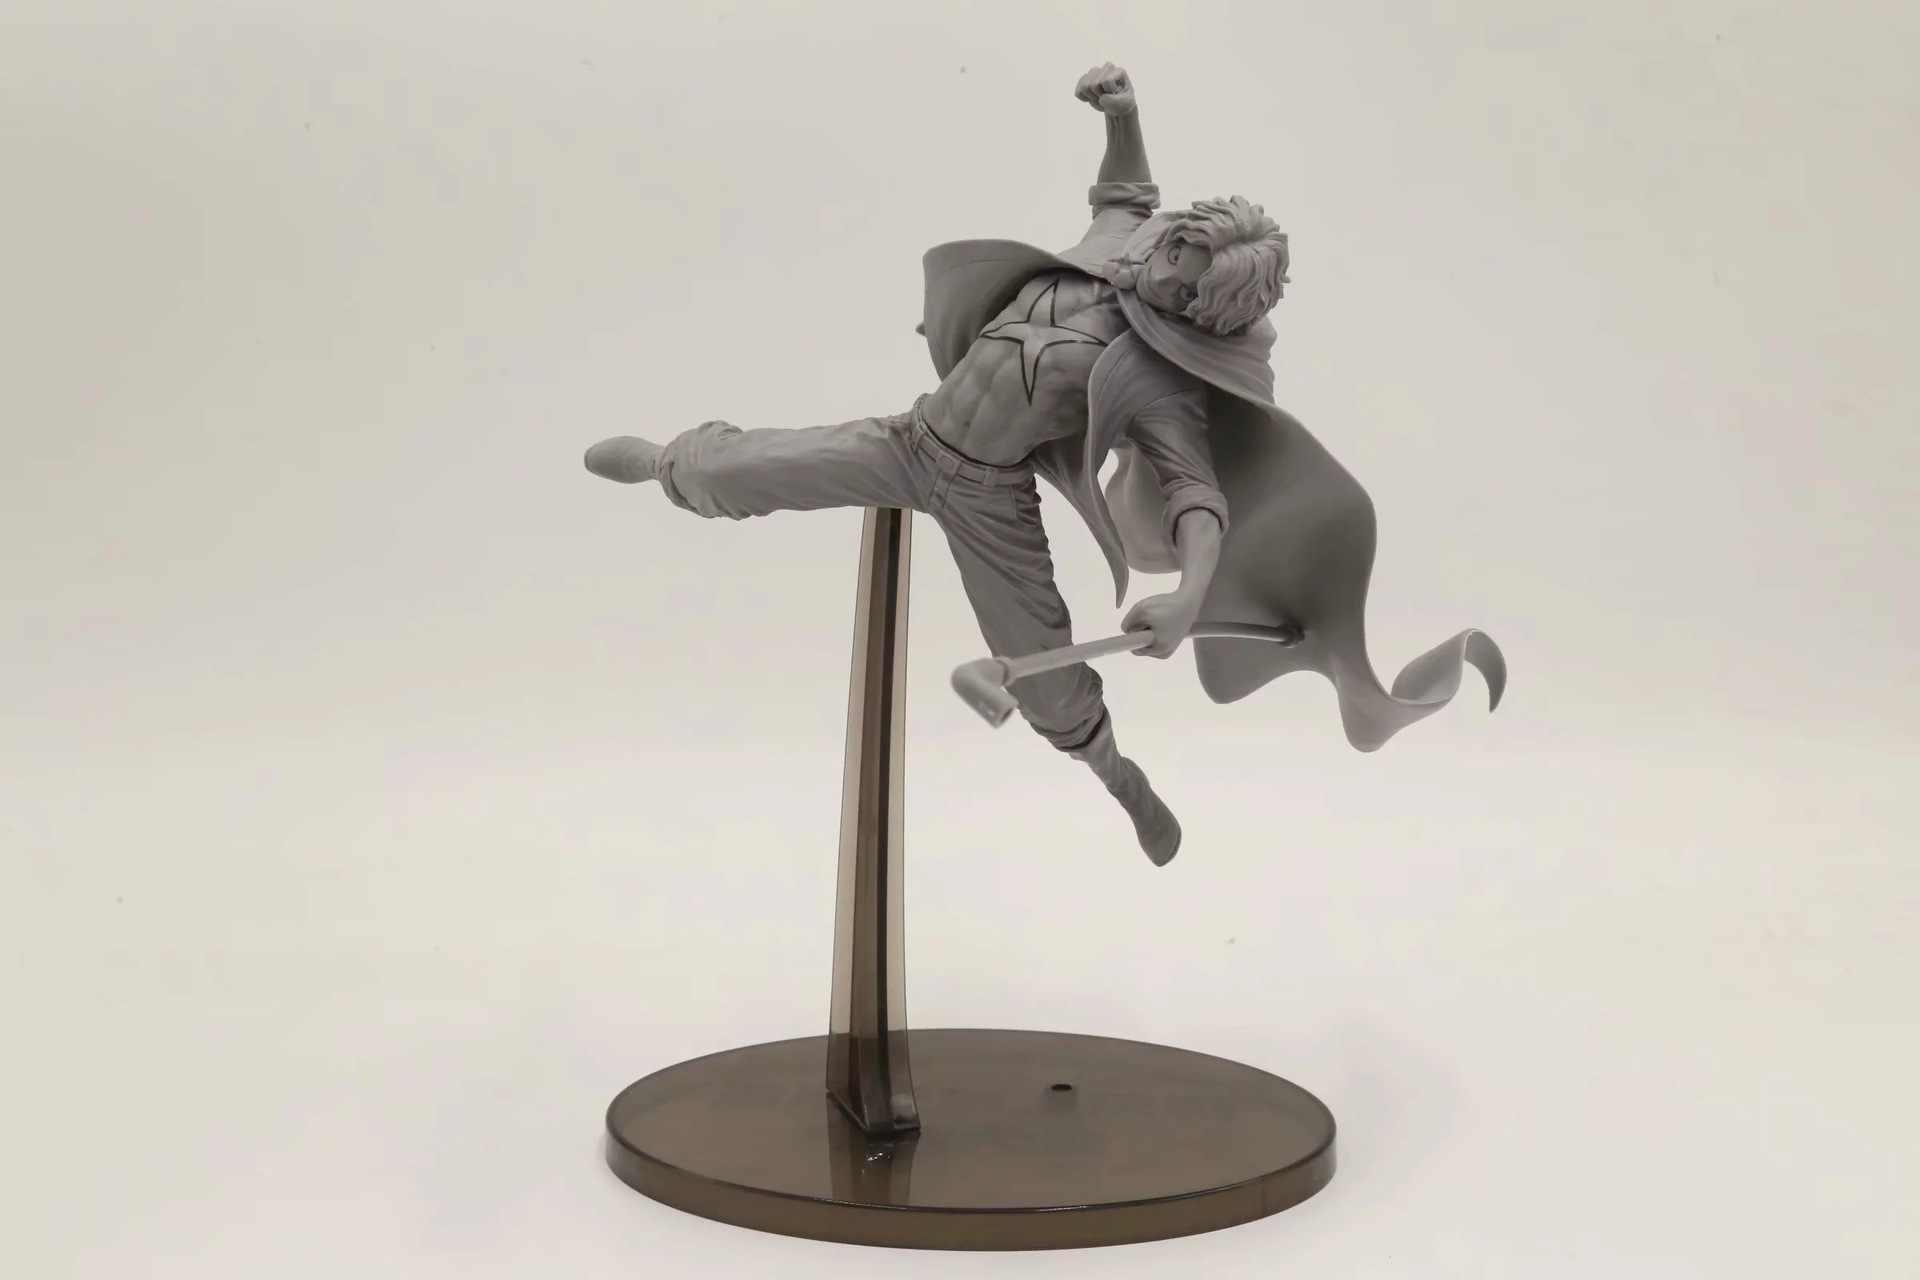 15 Cm Anime One Piece Sabo Juara Ver Model Tentara Revolusioner Pertempuran Action Figure Model PVC Dekorasi Jepang Brinquedos